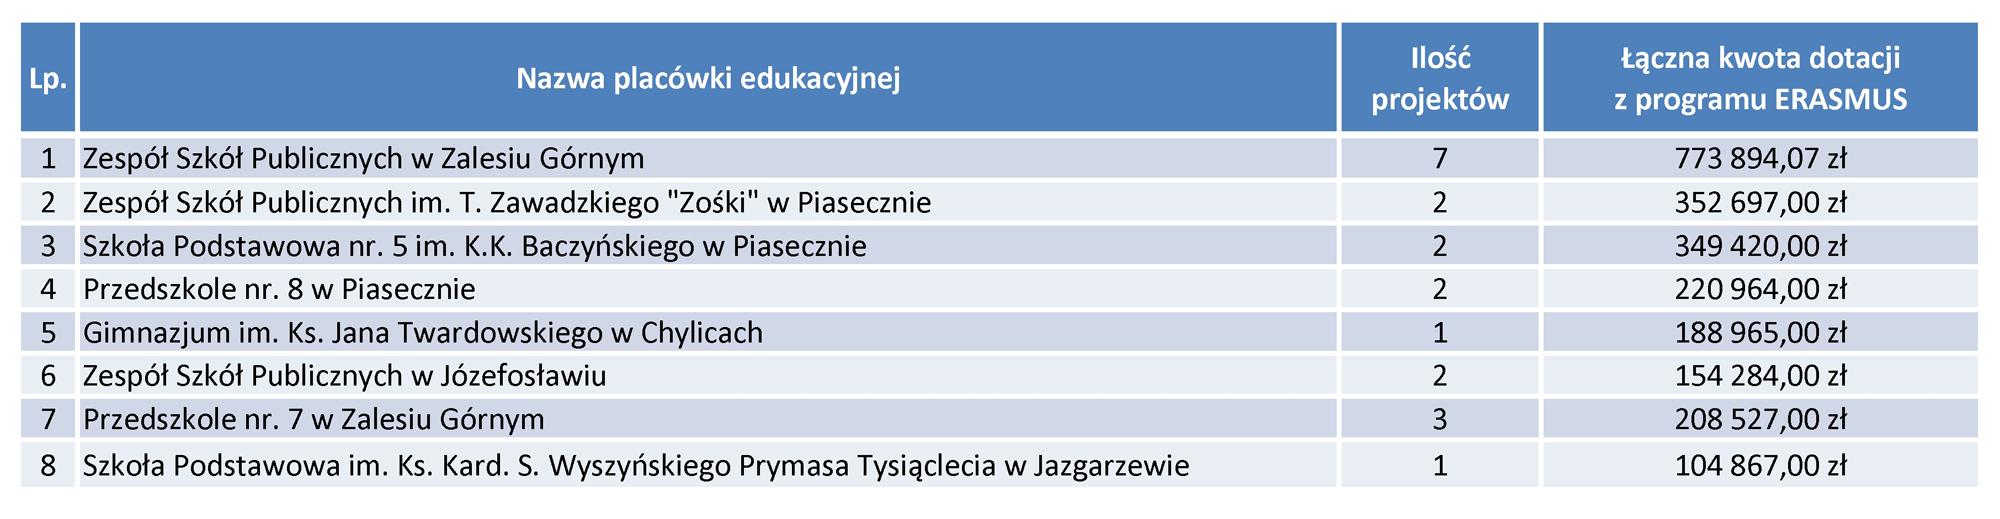 Wykaz placówek oświatowych biorących udział w programie ERASMUS w latach 2014-2020